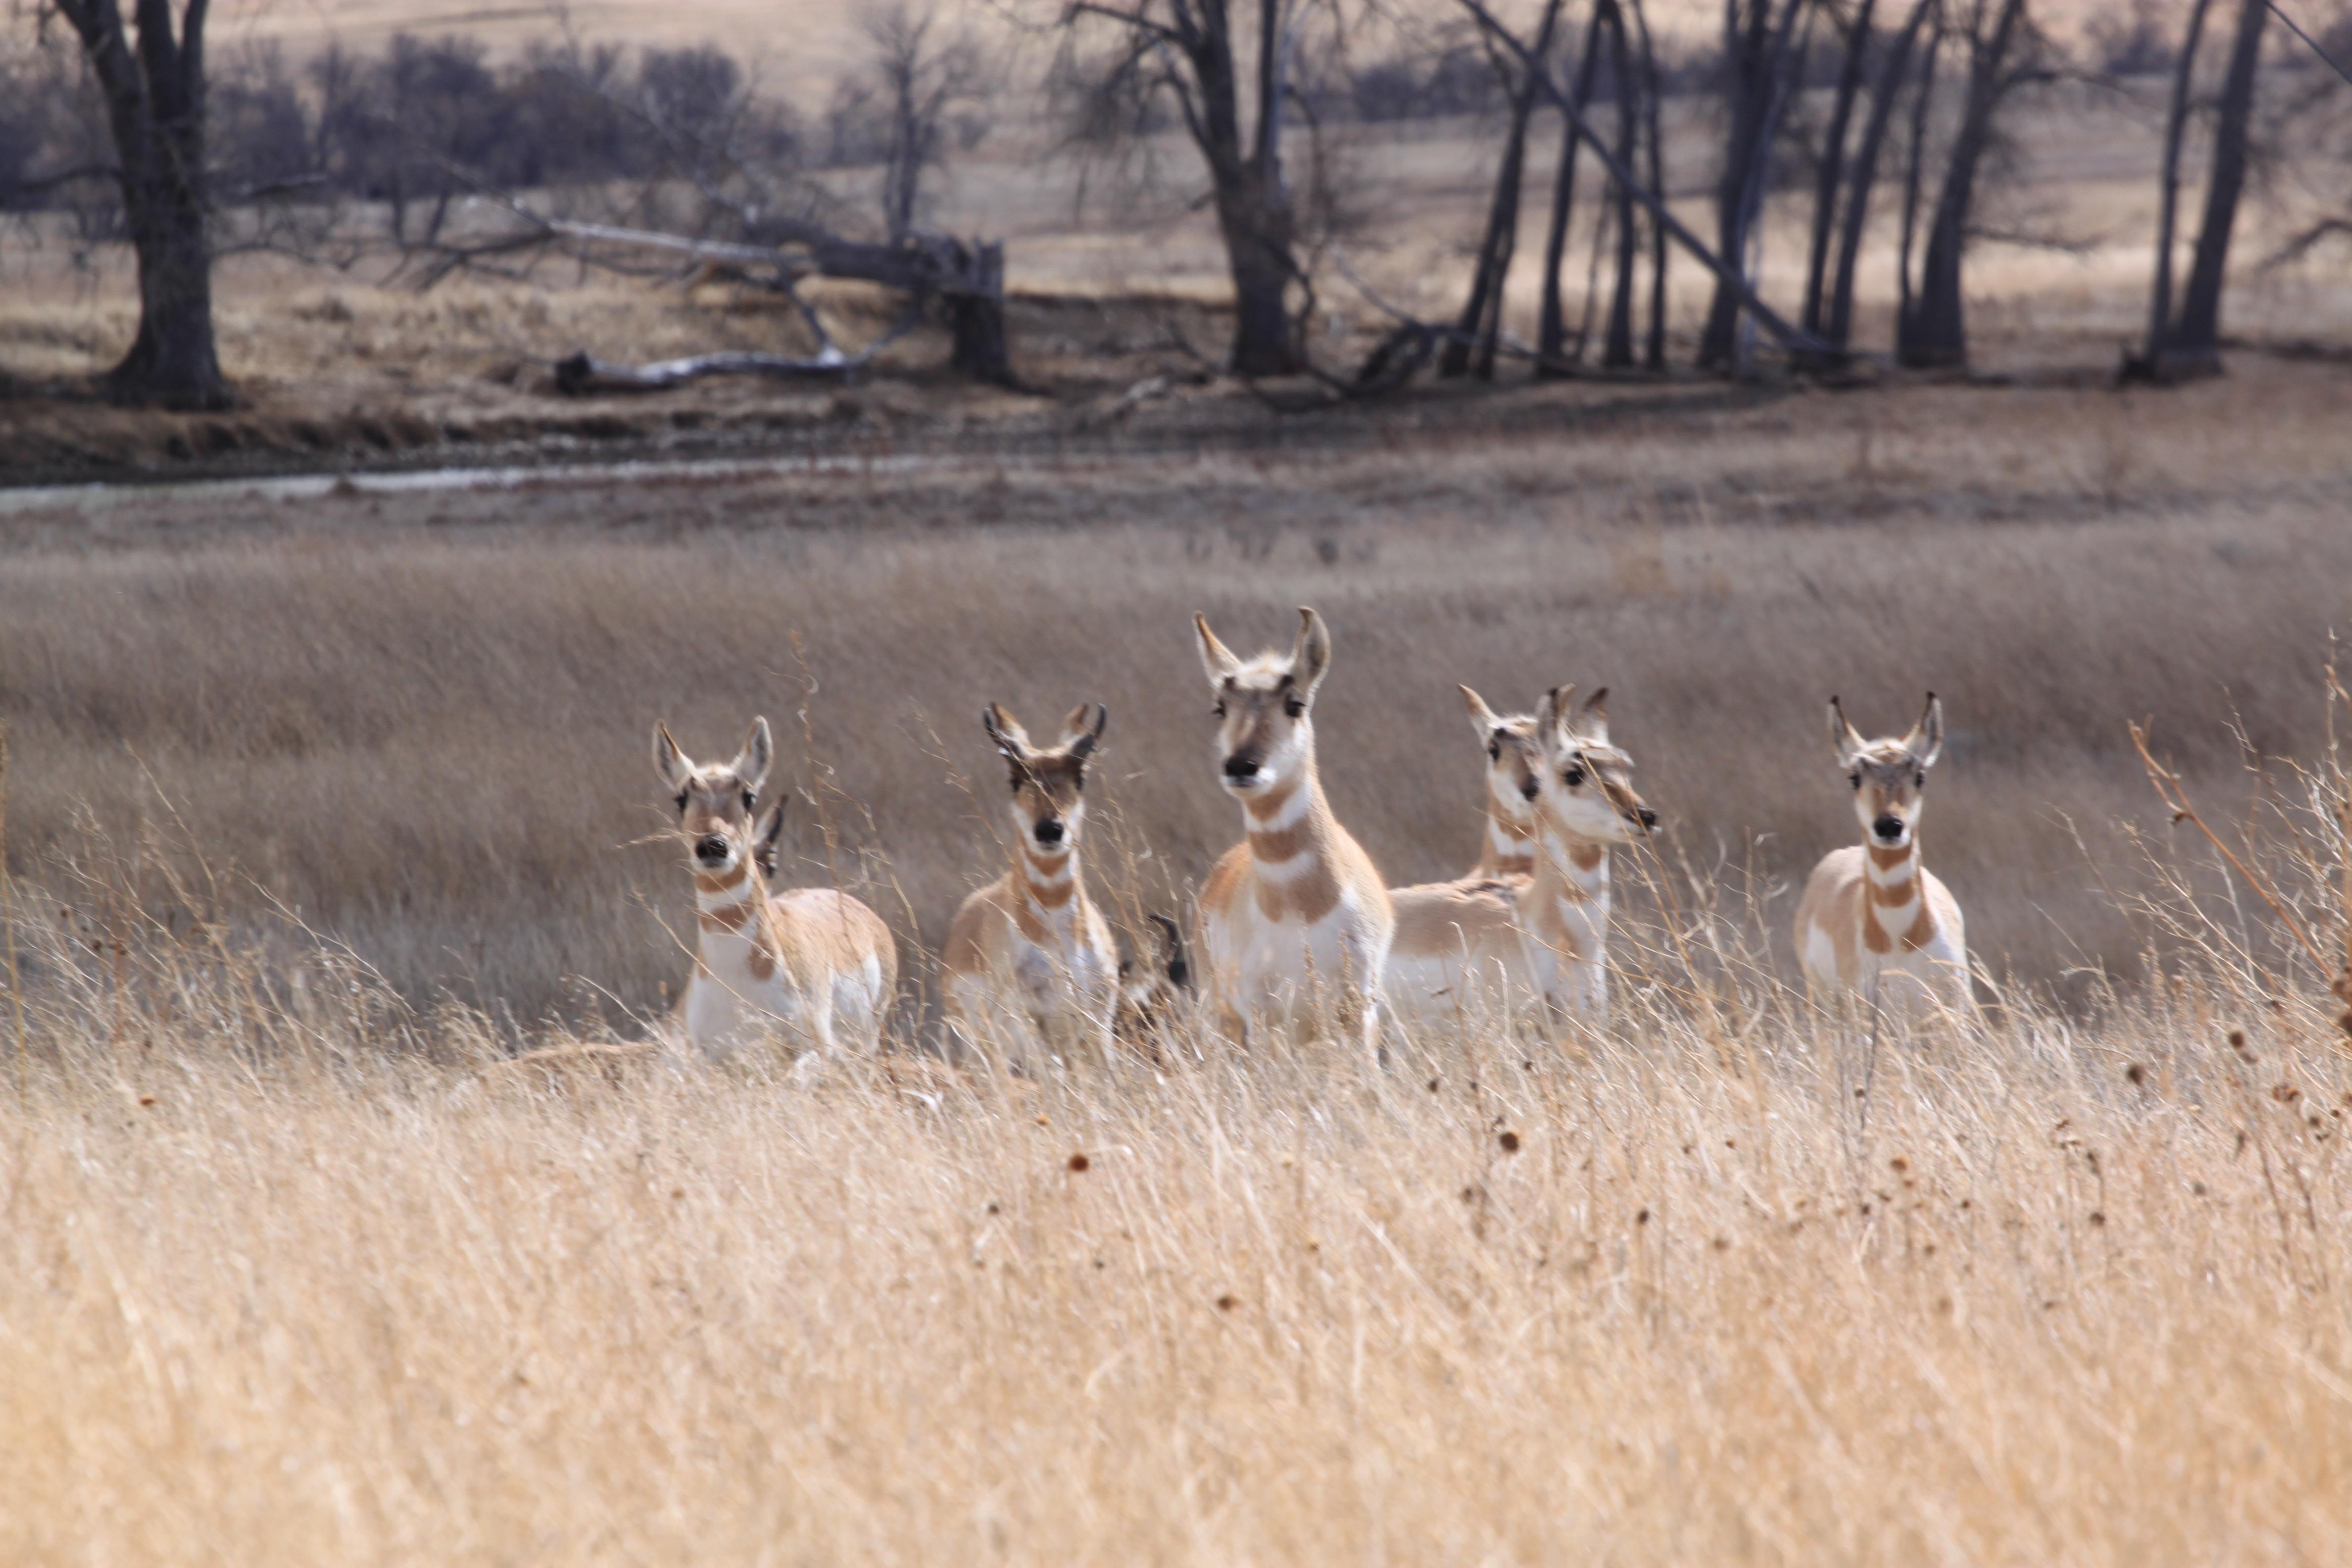 Image - antelope.JPG